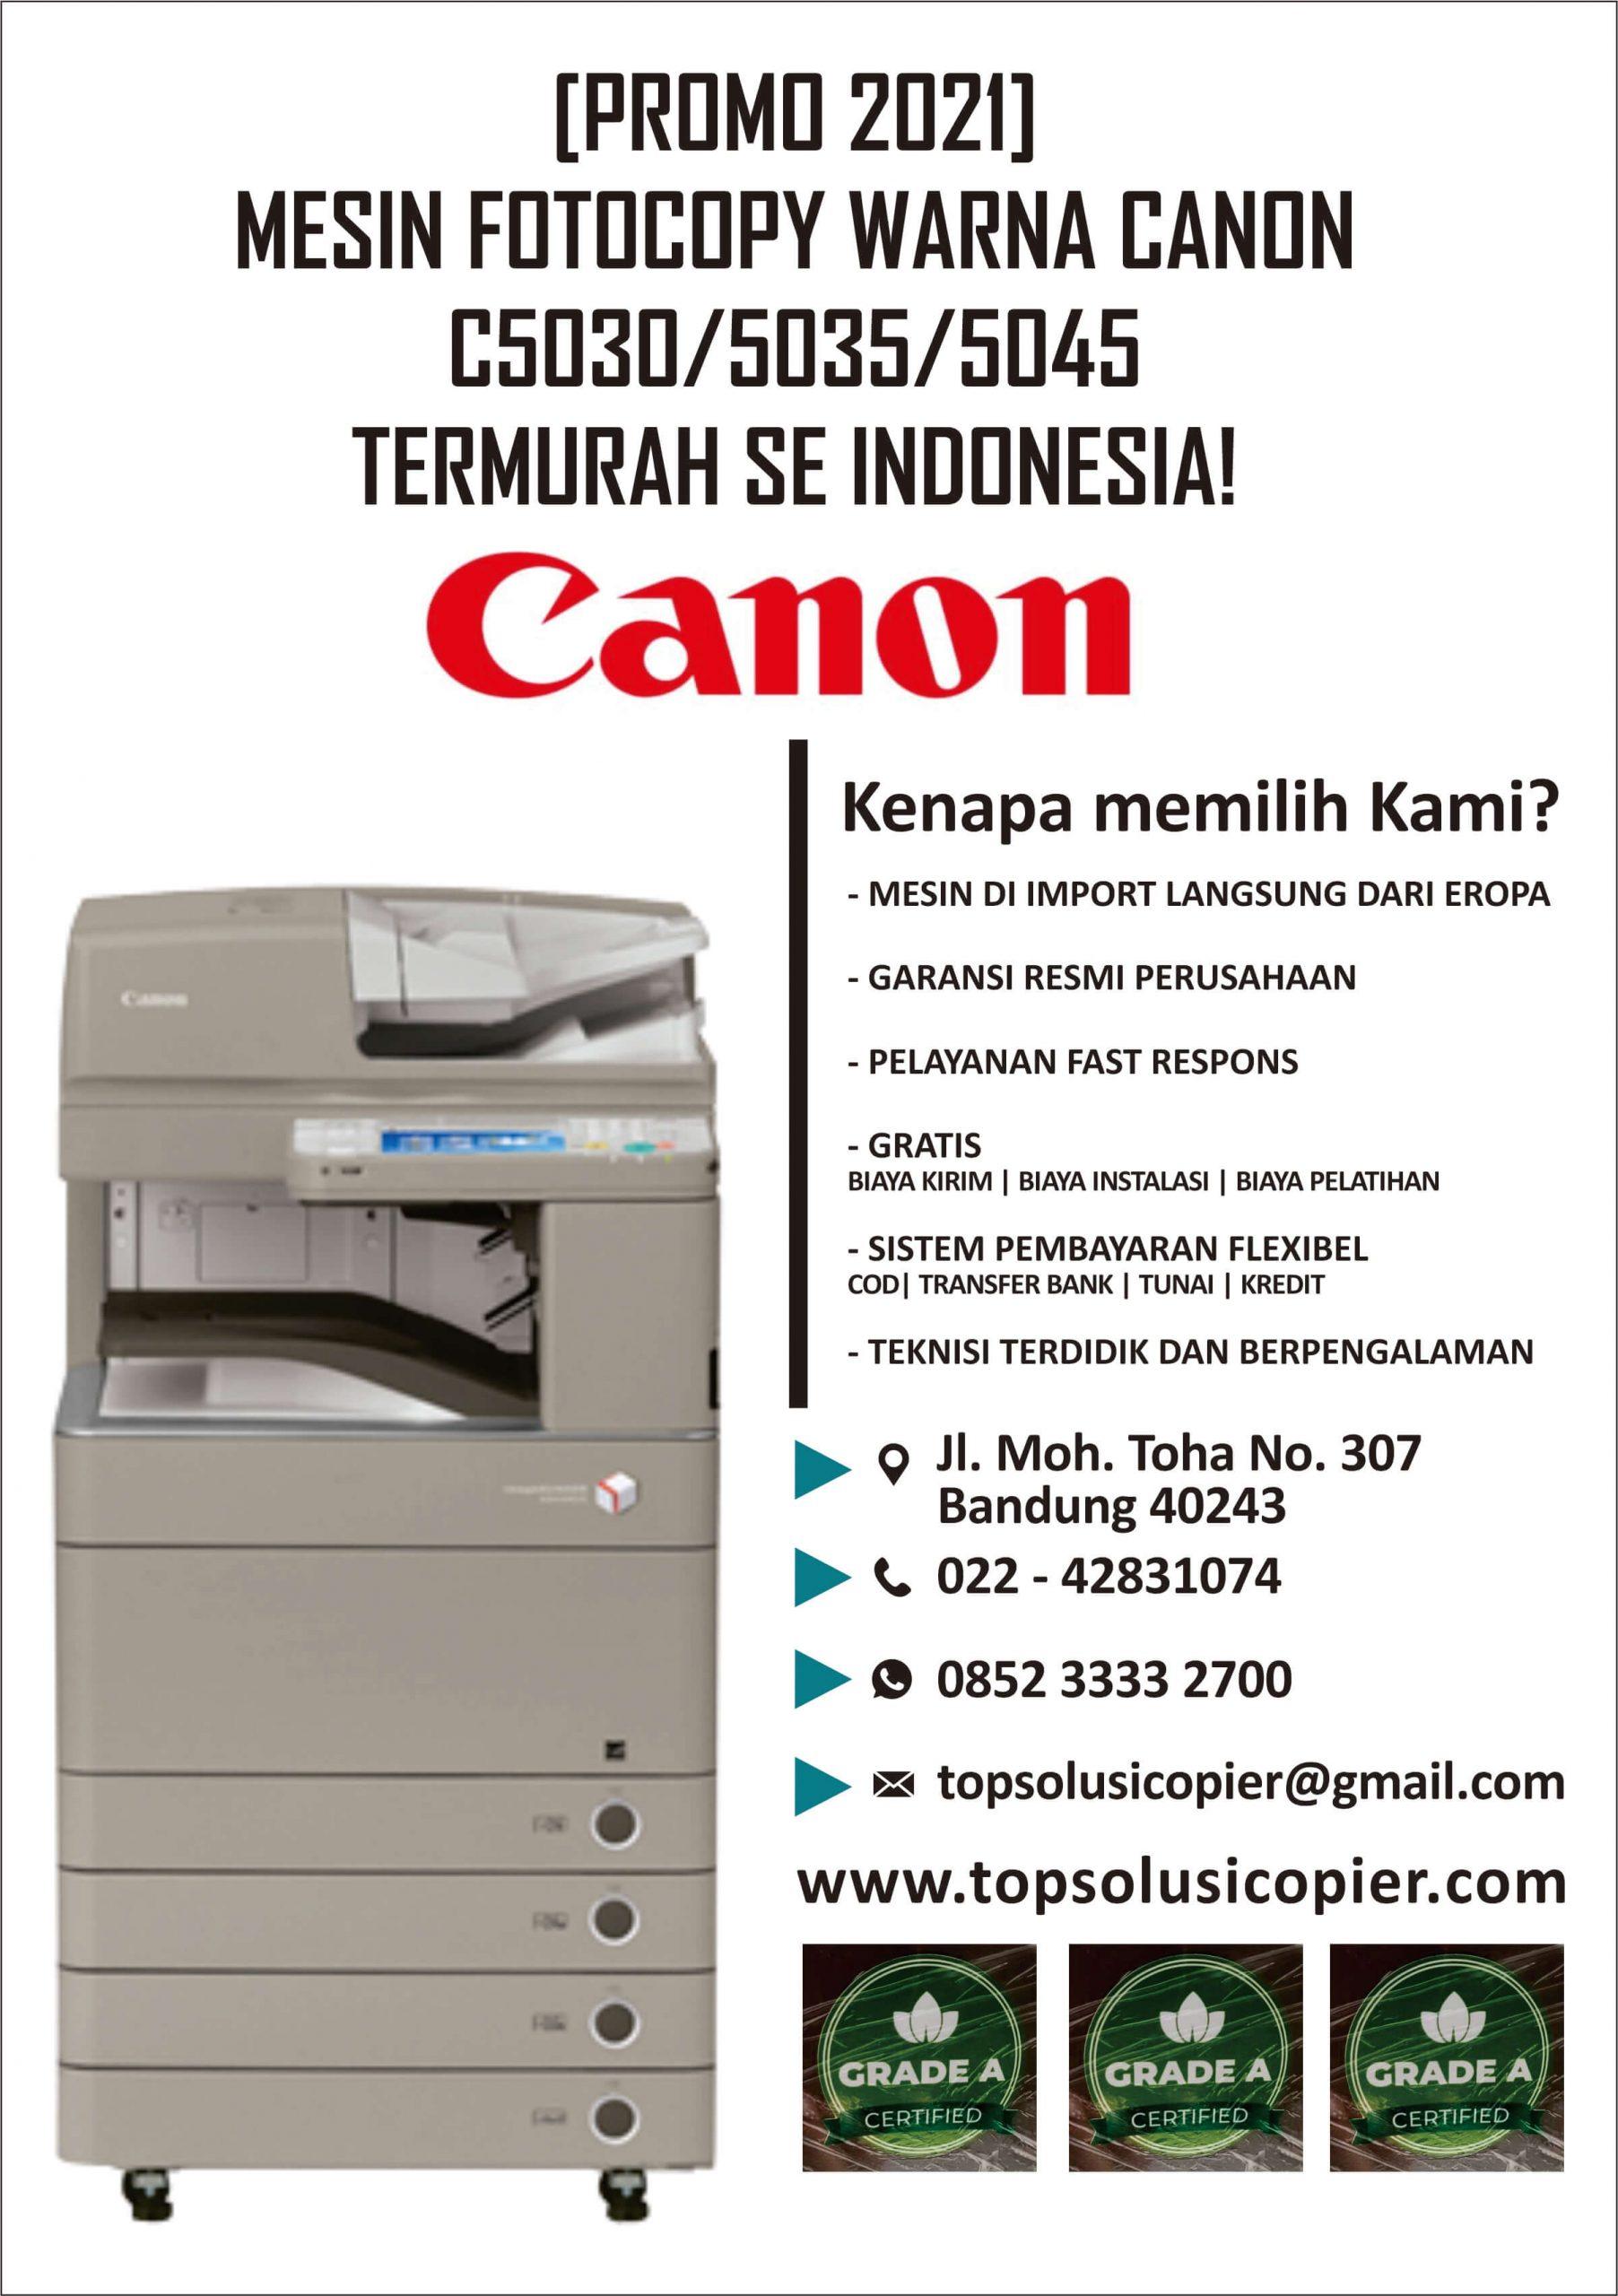 mesin fotocopy warna canon indramayu